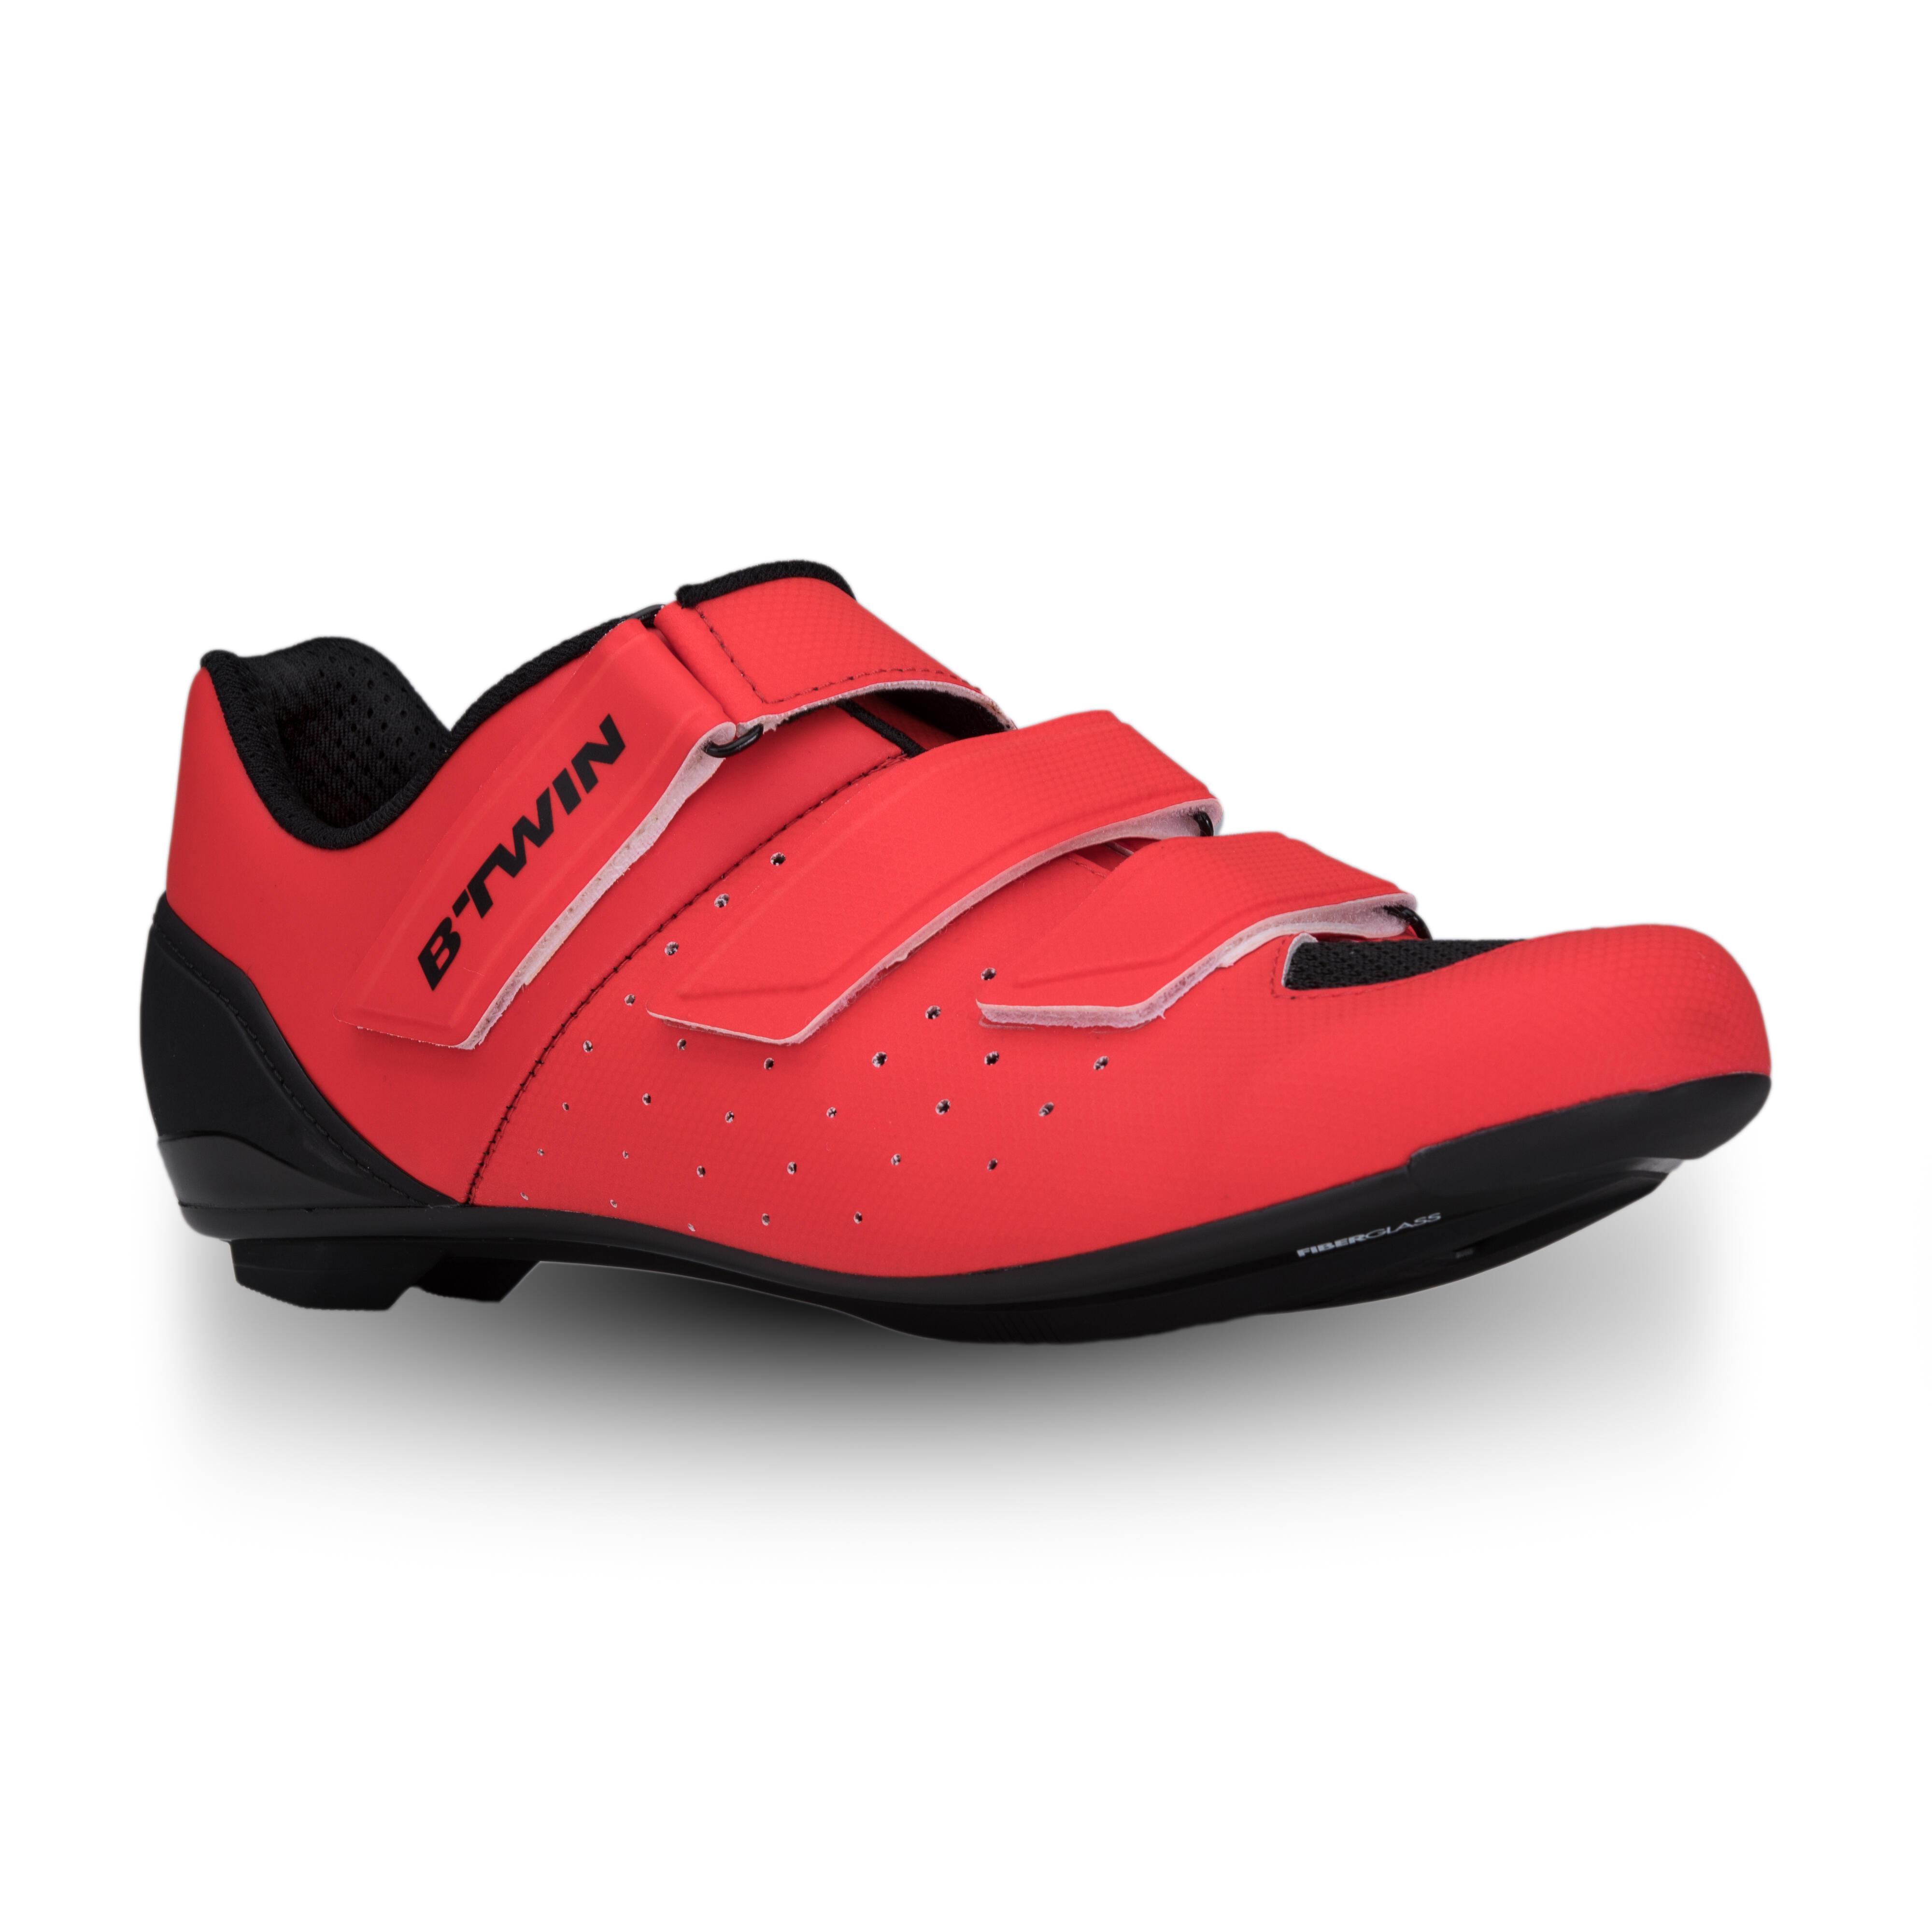 B'twin Wielrenschoenen RR500 rood kopen